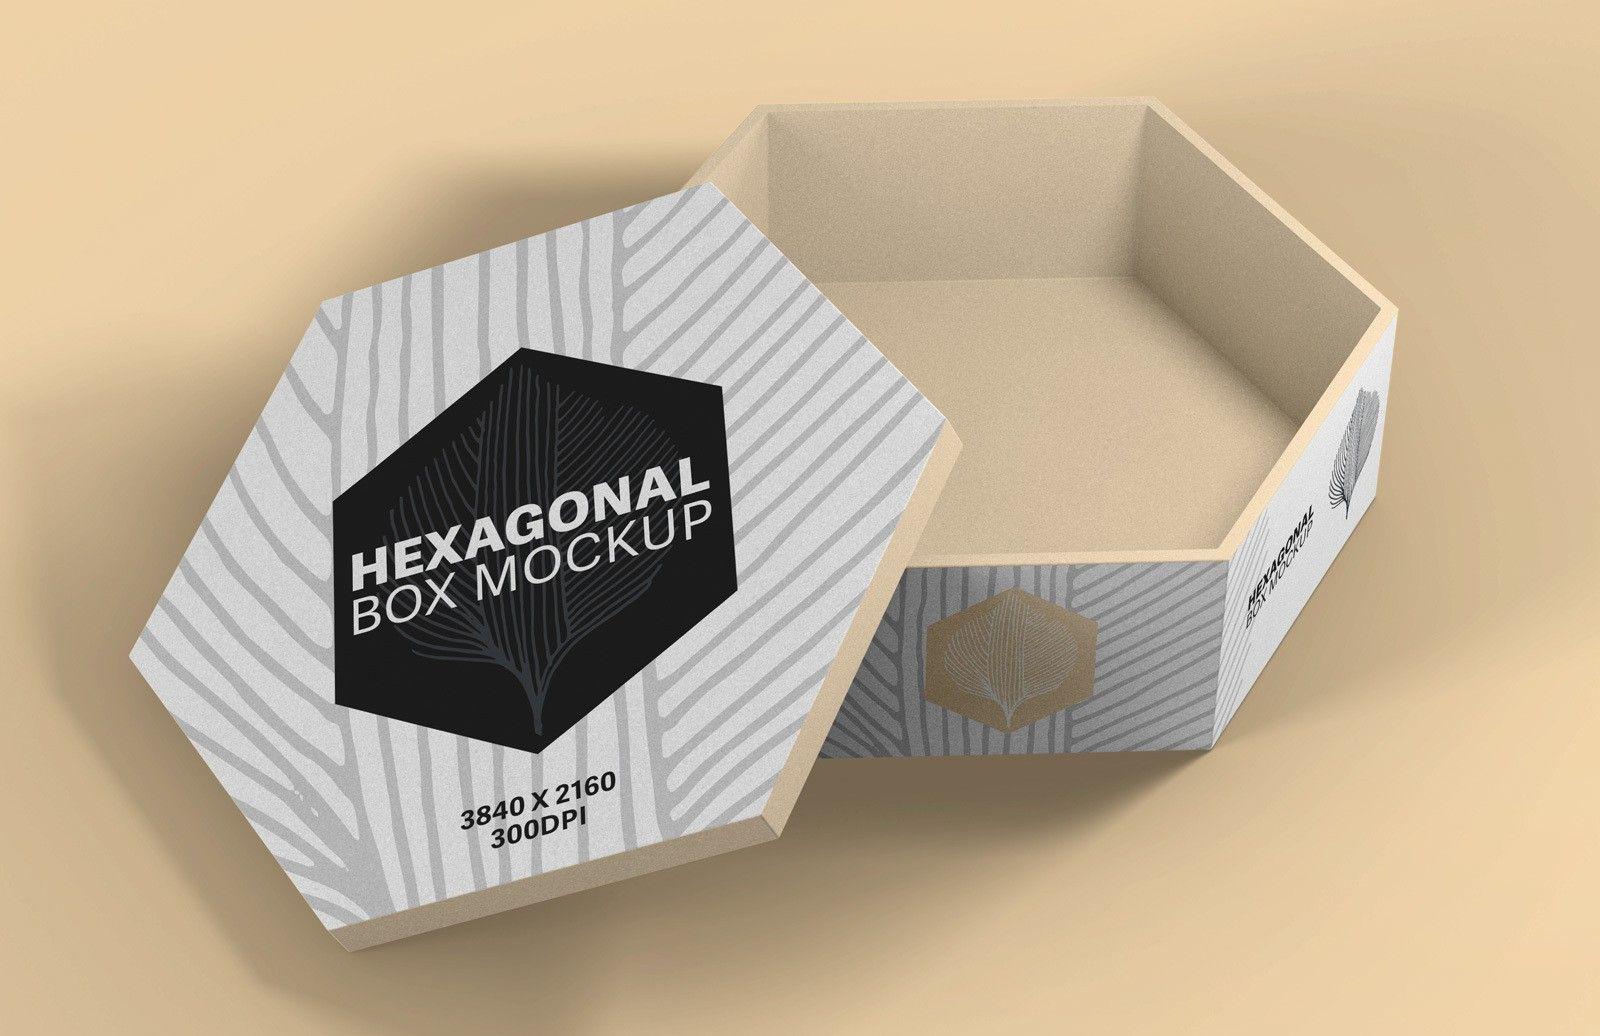 Download Hexagonal Box Mockup Box Mockup Mockup Covered Boxes